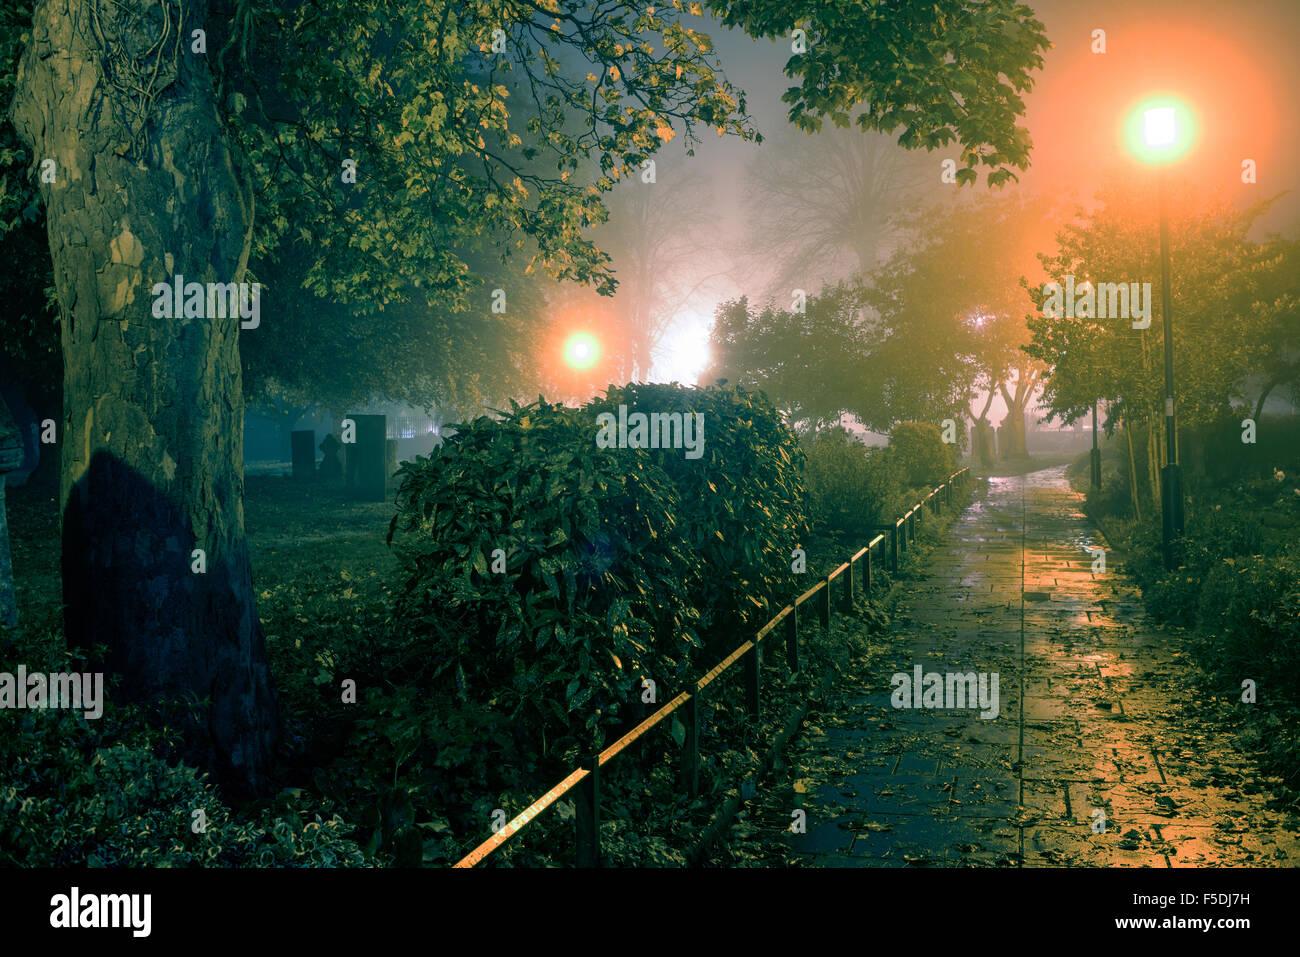 Hucknall, Dorset, UK:2 novembre 2015 brouillard dense .reste à nuit autour de l'East Midlands, zone de jeu pour retirer un certain temps au cours de l'église paroissiale de Hucknall .Mardi St Marie Madeleine sépulture de poète Lord Byron à Erie, dans le brouillard du soir . Credit: IFIMAGE/Alamy Live News Banque D'Images